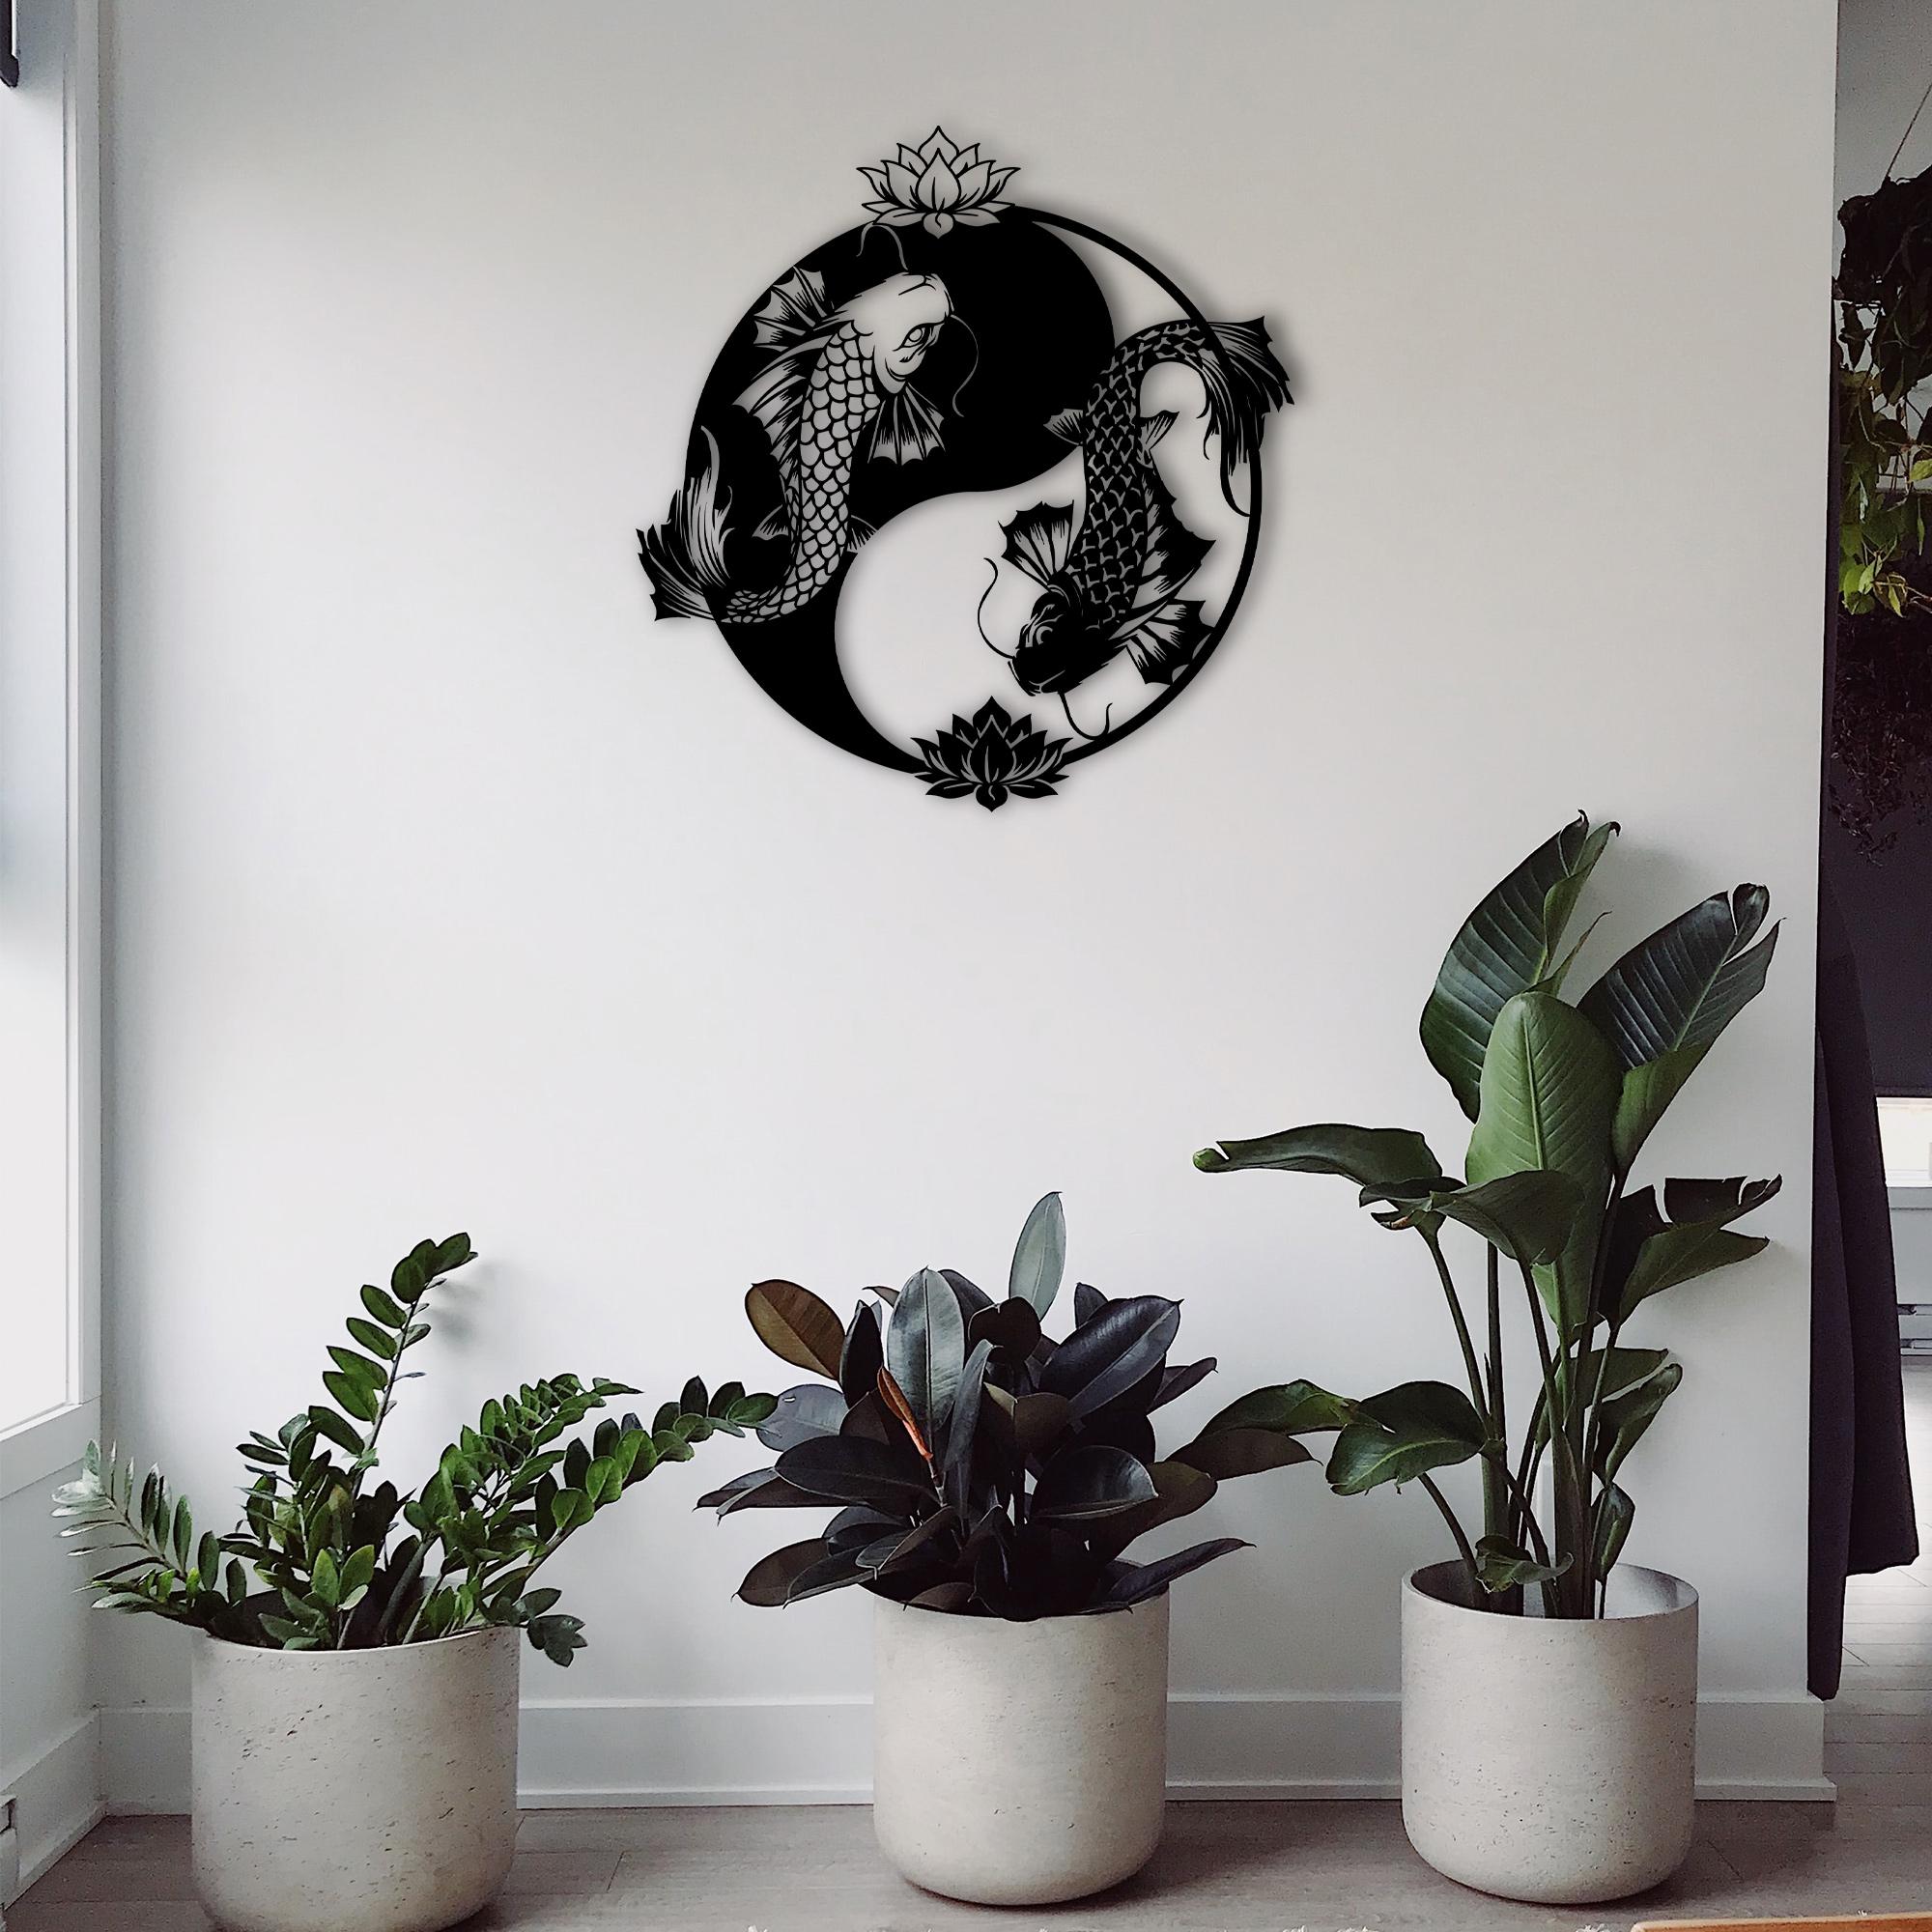 Ying Koi – Metal Wall Art